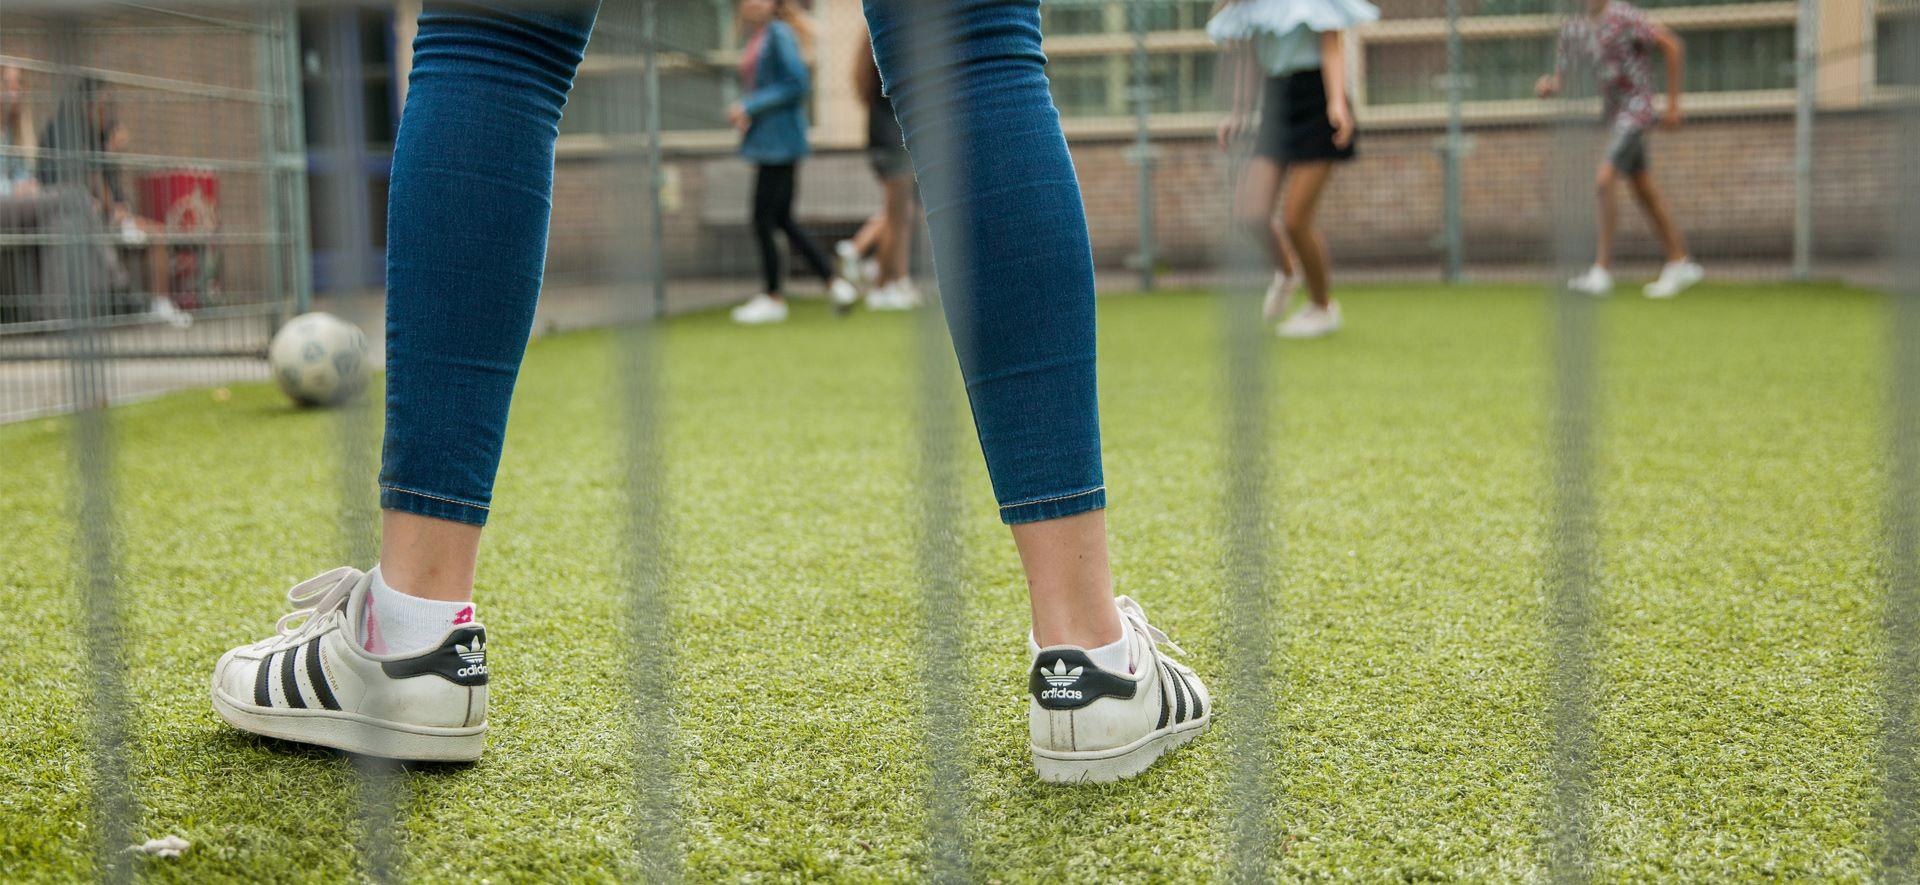 Vrijdag 19 oktober voetbal- en danssportdag in Onstwedde